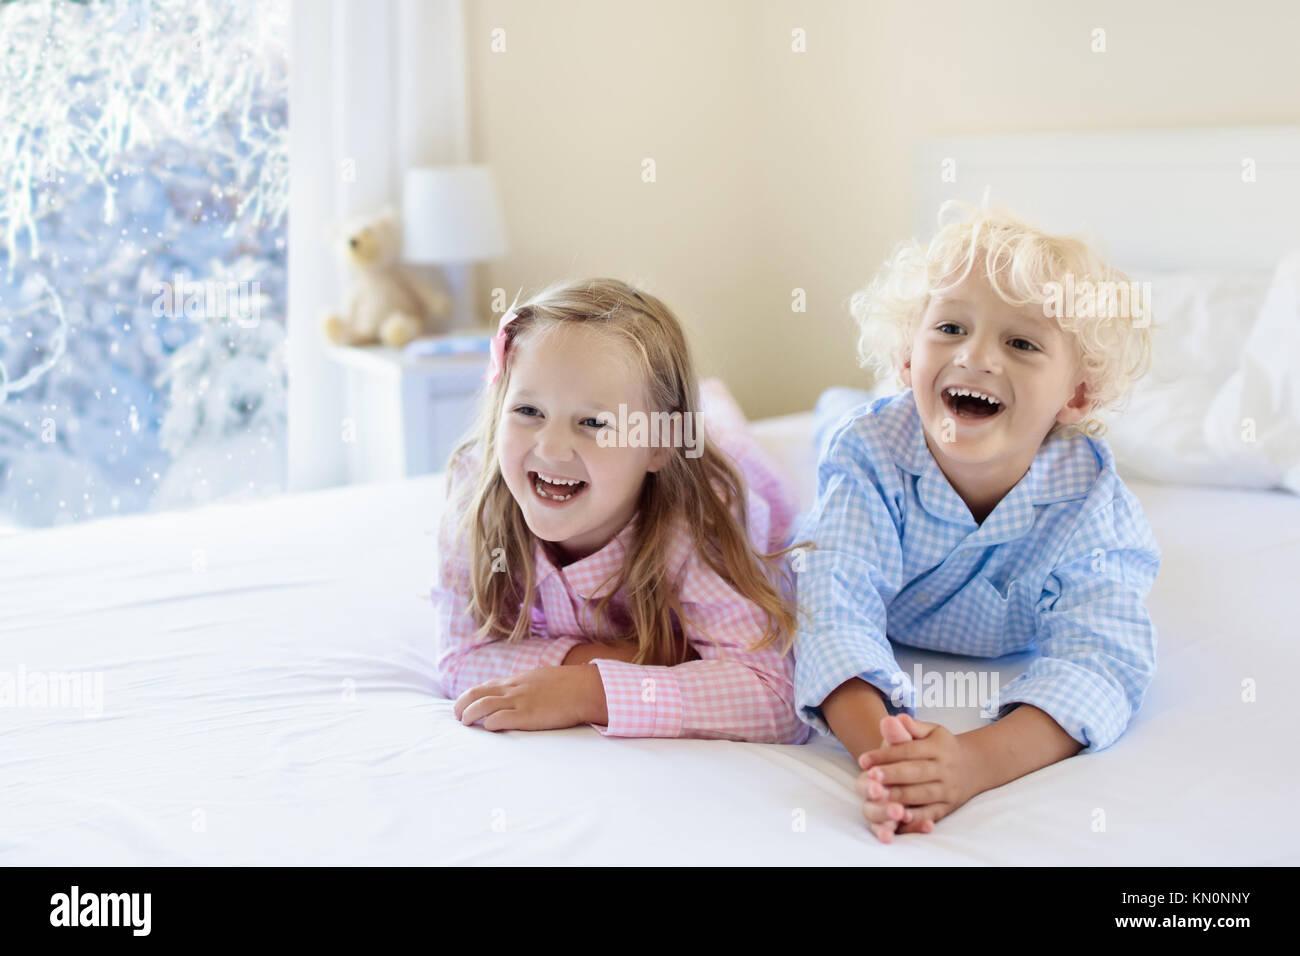 Kinder im Bett der Eltern im Winter. Kinder aufwachen in Weiß ...